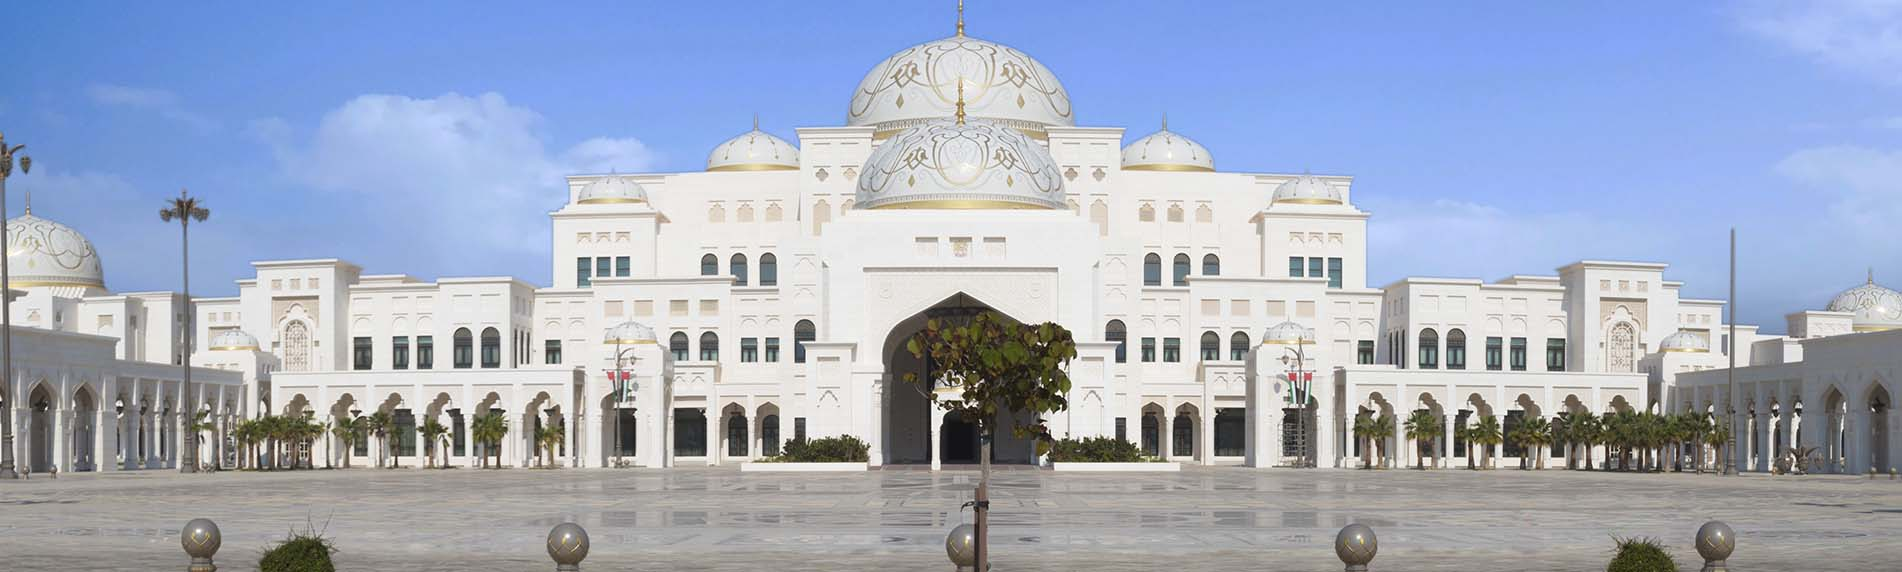 Qasr Al Watan Abu Dhabi Tickets with Transfer from Dubai